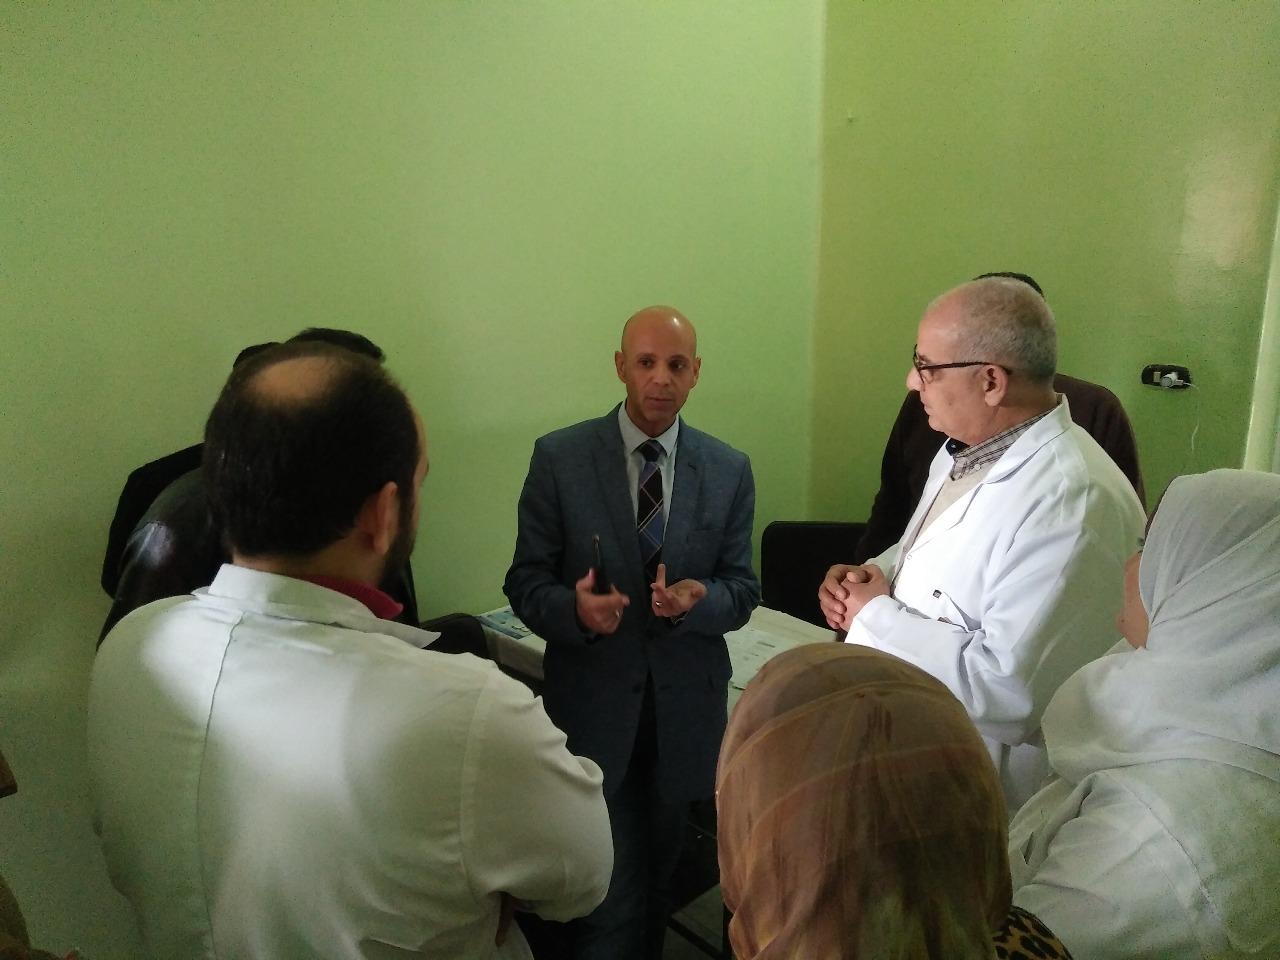 صورة وكيل وزارة الصحة يقوم بزيارة مفاجأة لمستشفى الحميات بالزقازيق